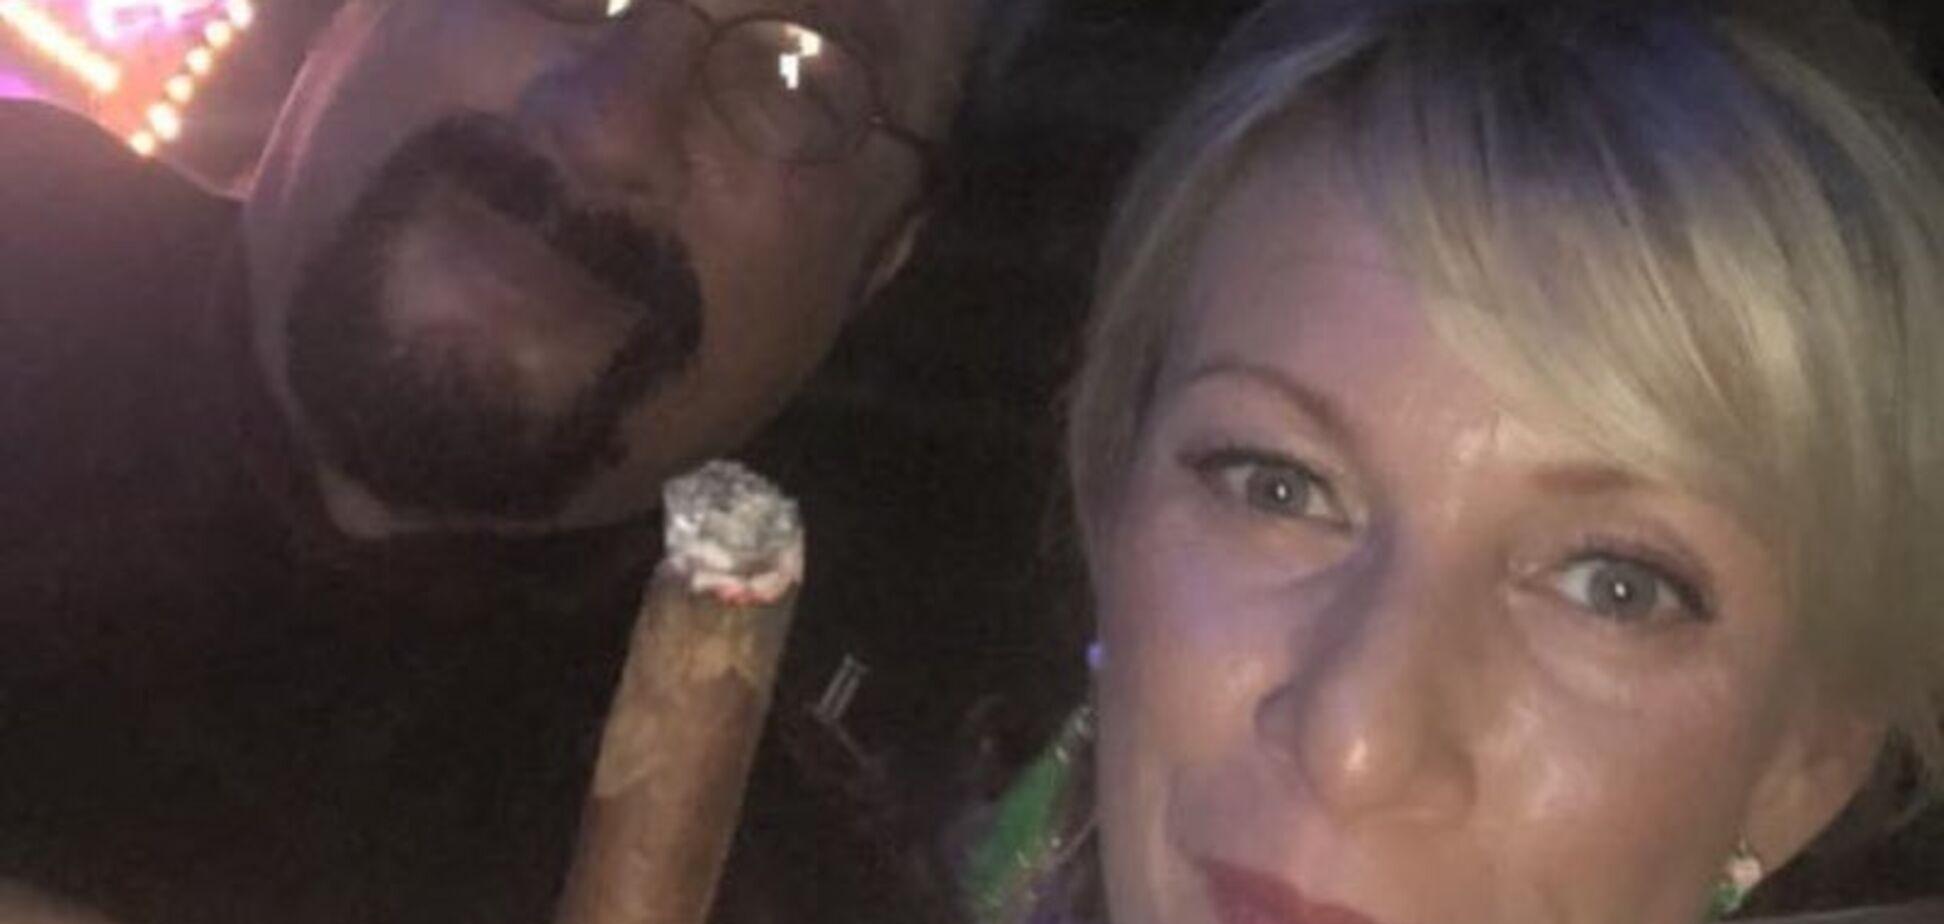 'Шкода мужика': в мережі висміяли фото Захарової з голлівудським актором